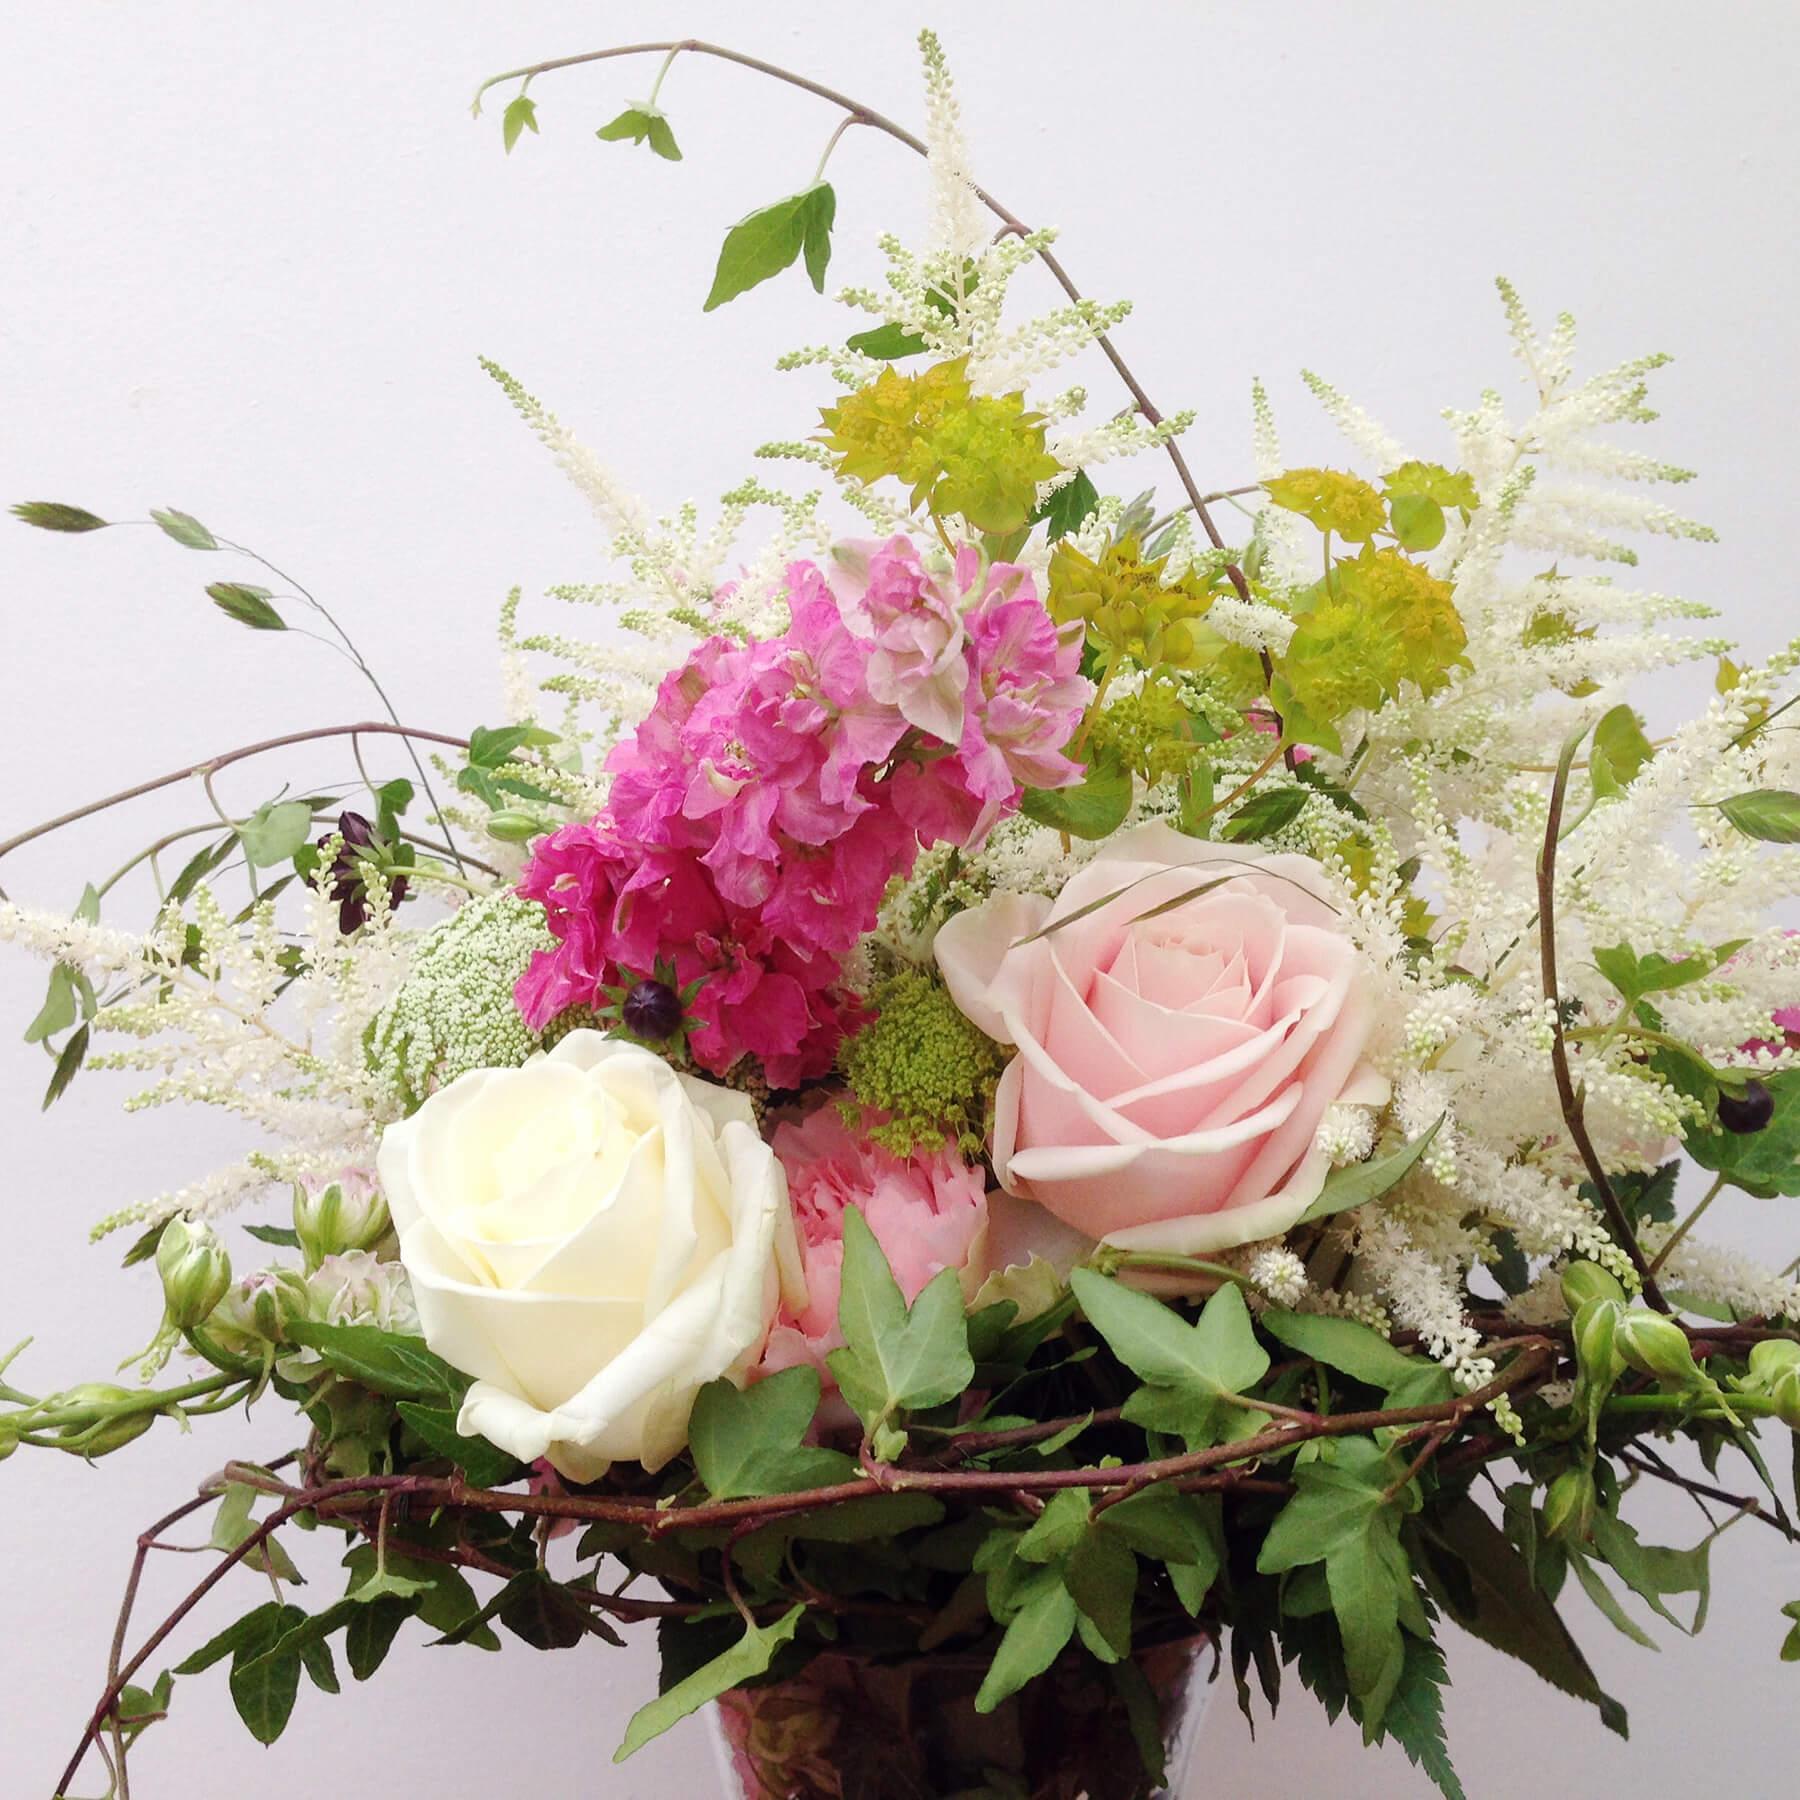 Blommor till bröllop: Vild och härlig brudbukett i rosa, vitt och grönt.